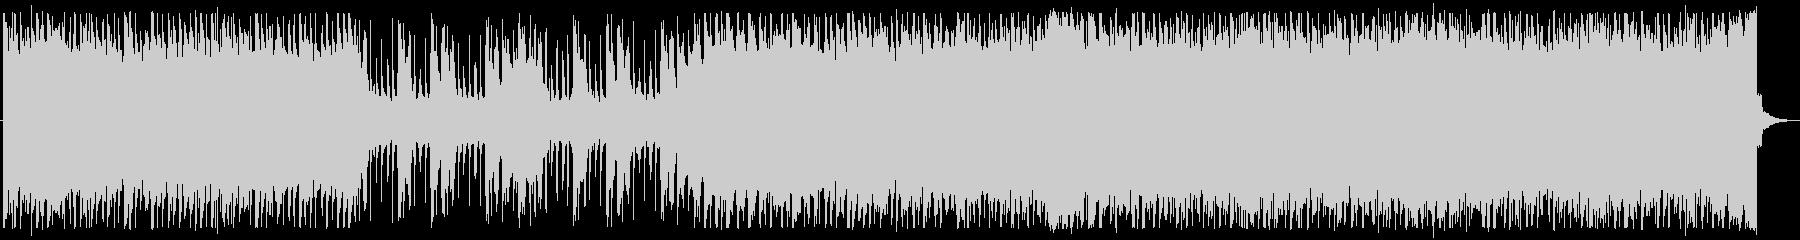 電子/疾走感/ロック_No358_3の未再生の波形